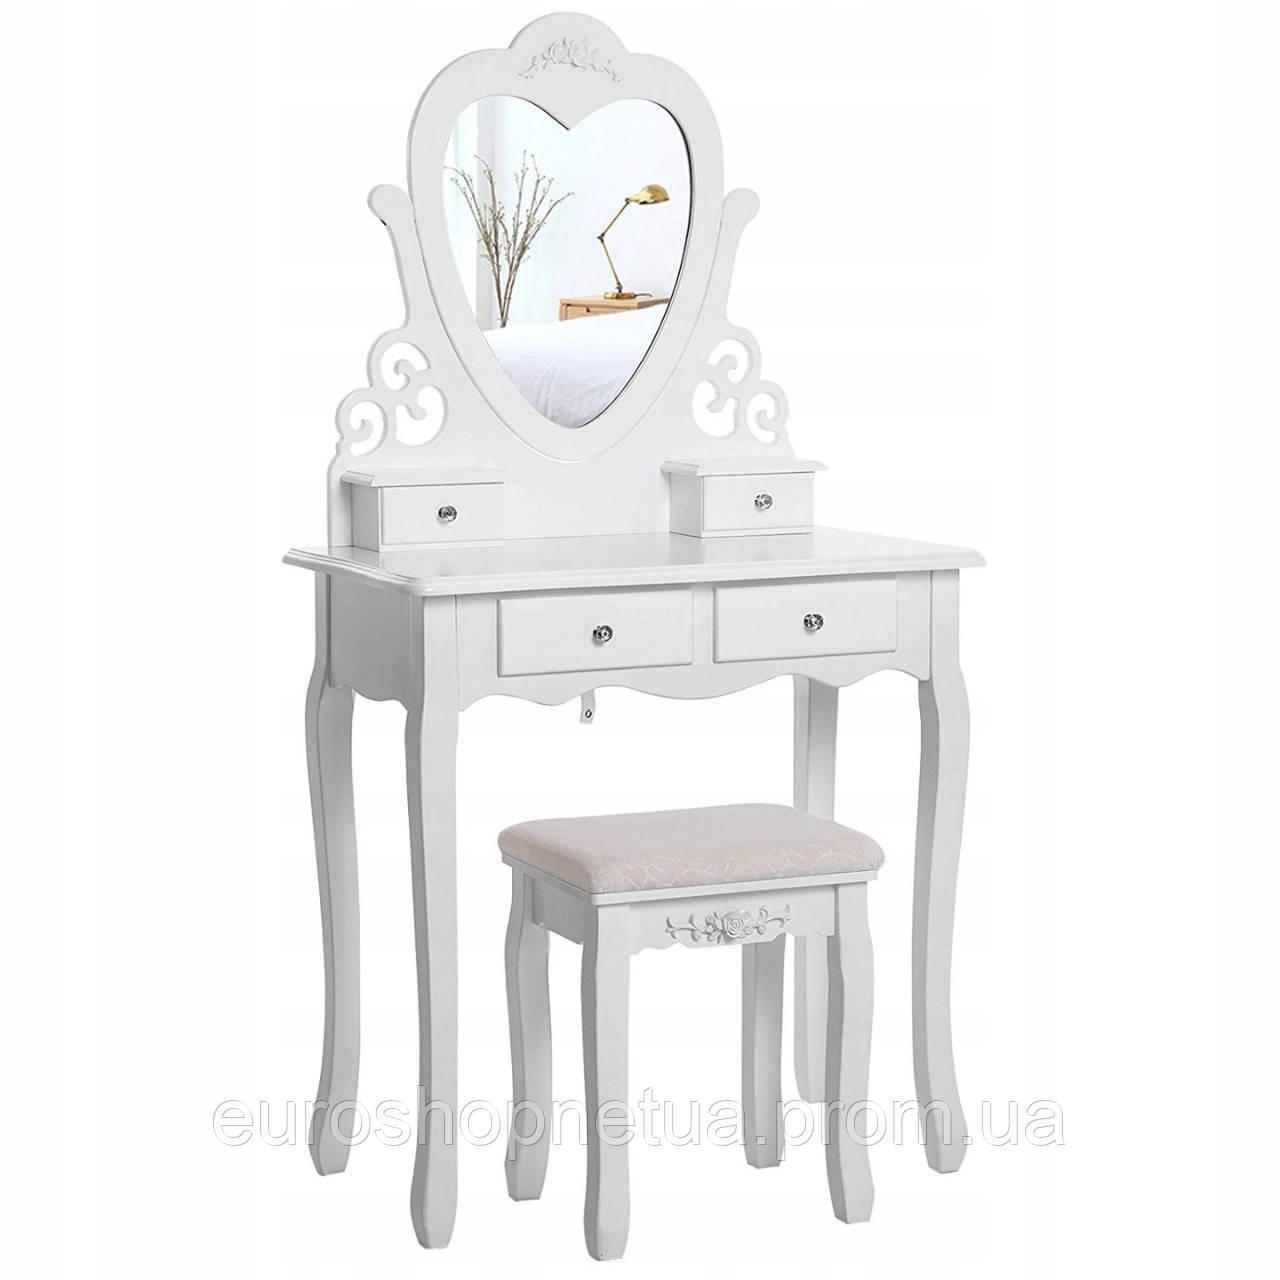 Туалетний столик Космо белый с зеркалом